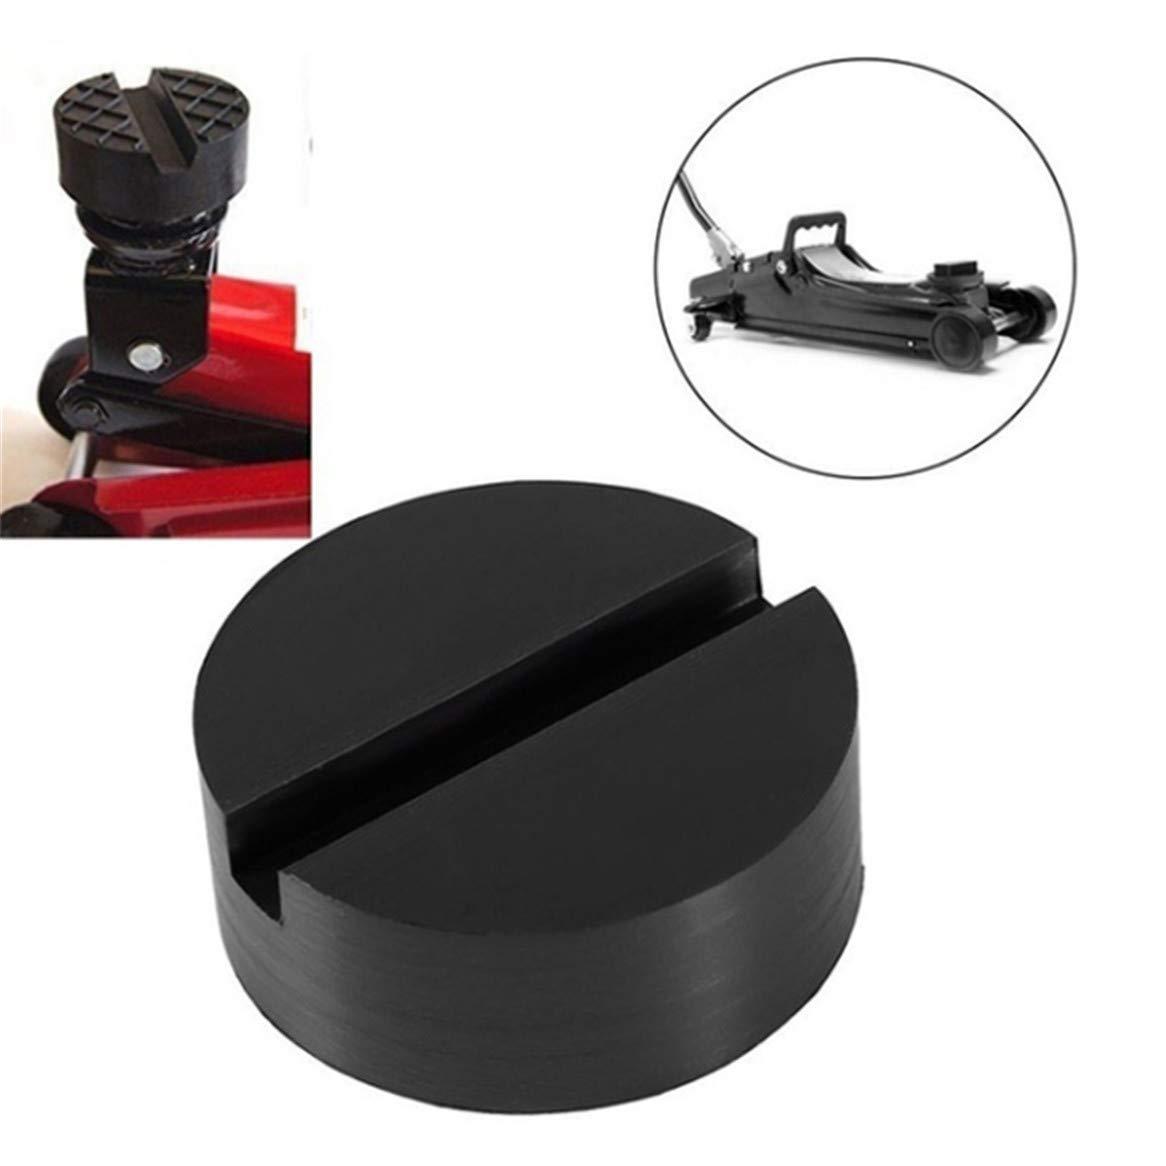 Botreelife caoutchouc voiture v/éhicule pad pad moto trolley jack atelier outil /éviter les dommages adaptateur pour /éviter les dommages